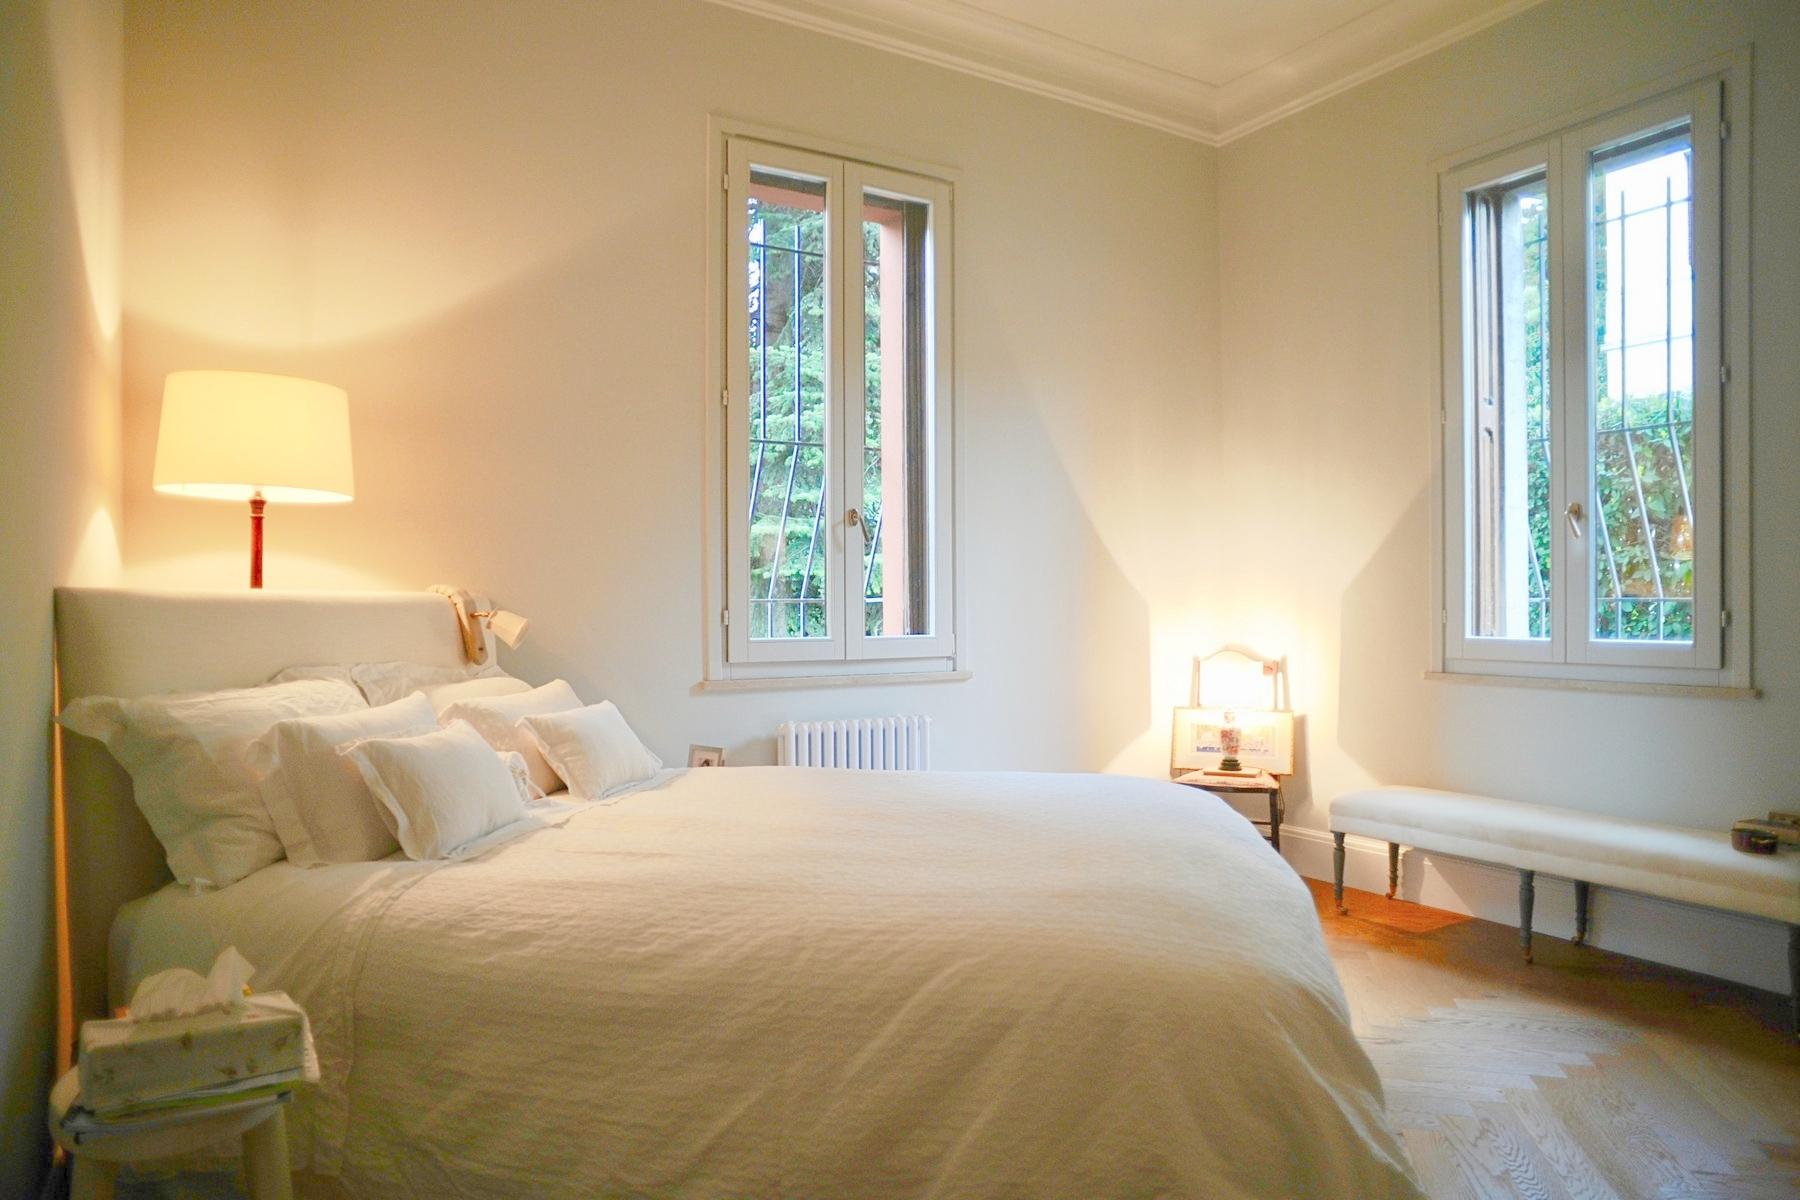 Appartamento in Vendita a Verona: 5 locali, 160 mq - Foto 10